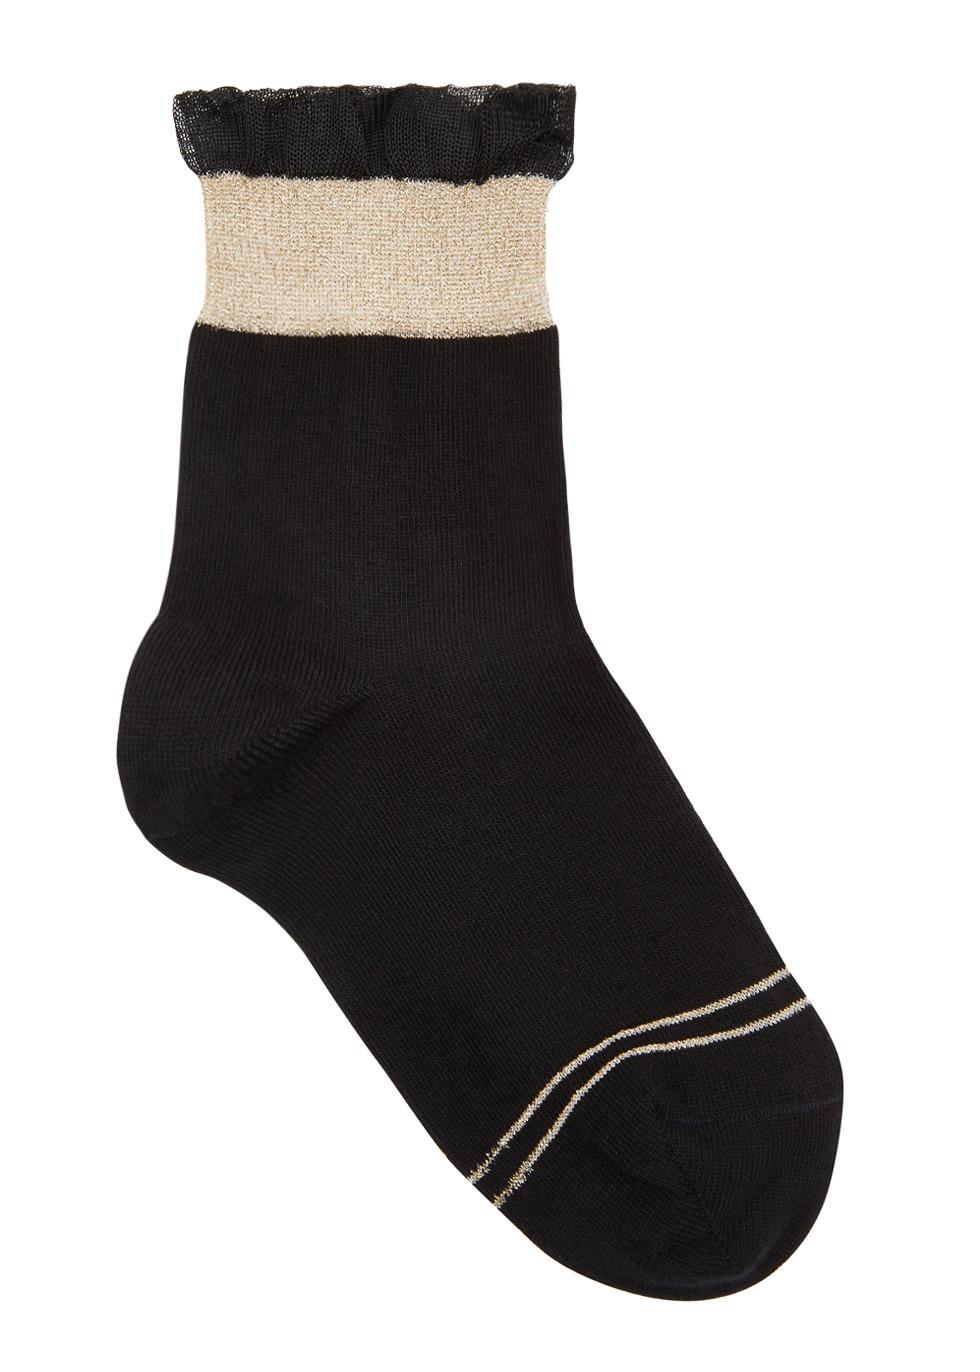 PIERRE MANTOUX BLACK RUFFLE-TRIMMED COTTON BLEND SOCKS